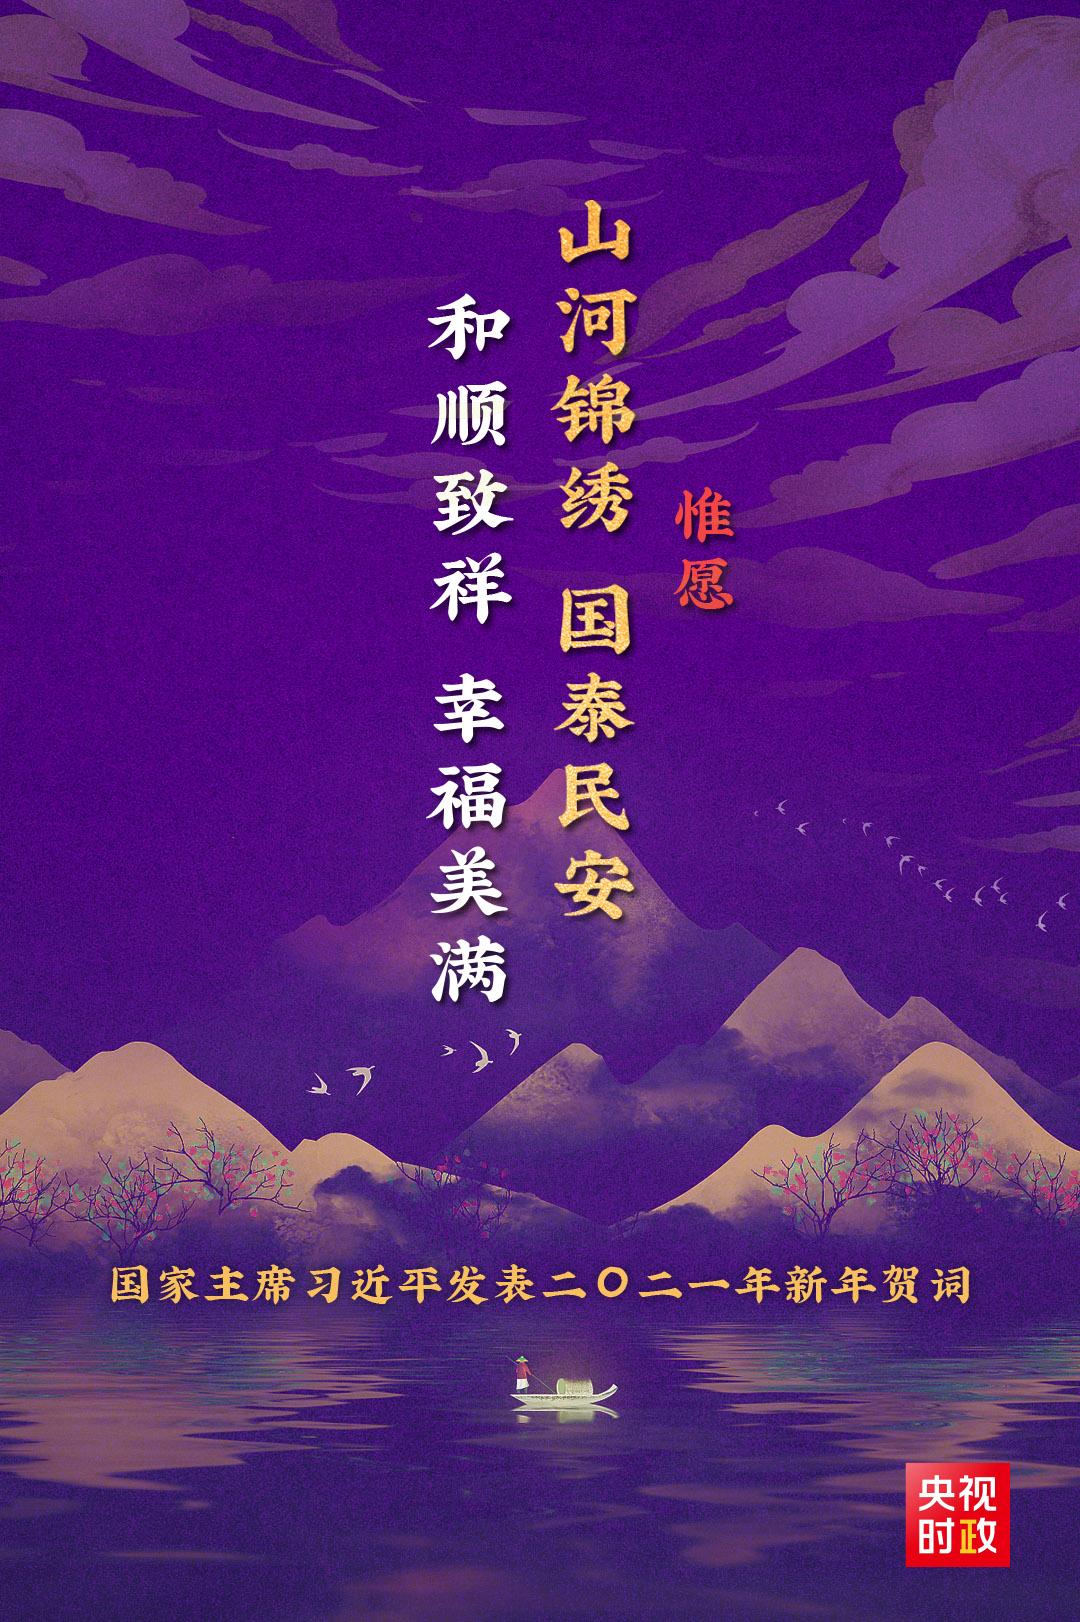 金句来了!习近平发表二〇二一年新年贺词